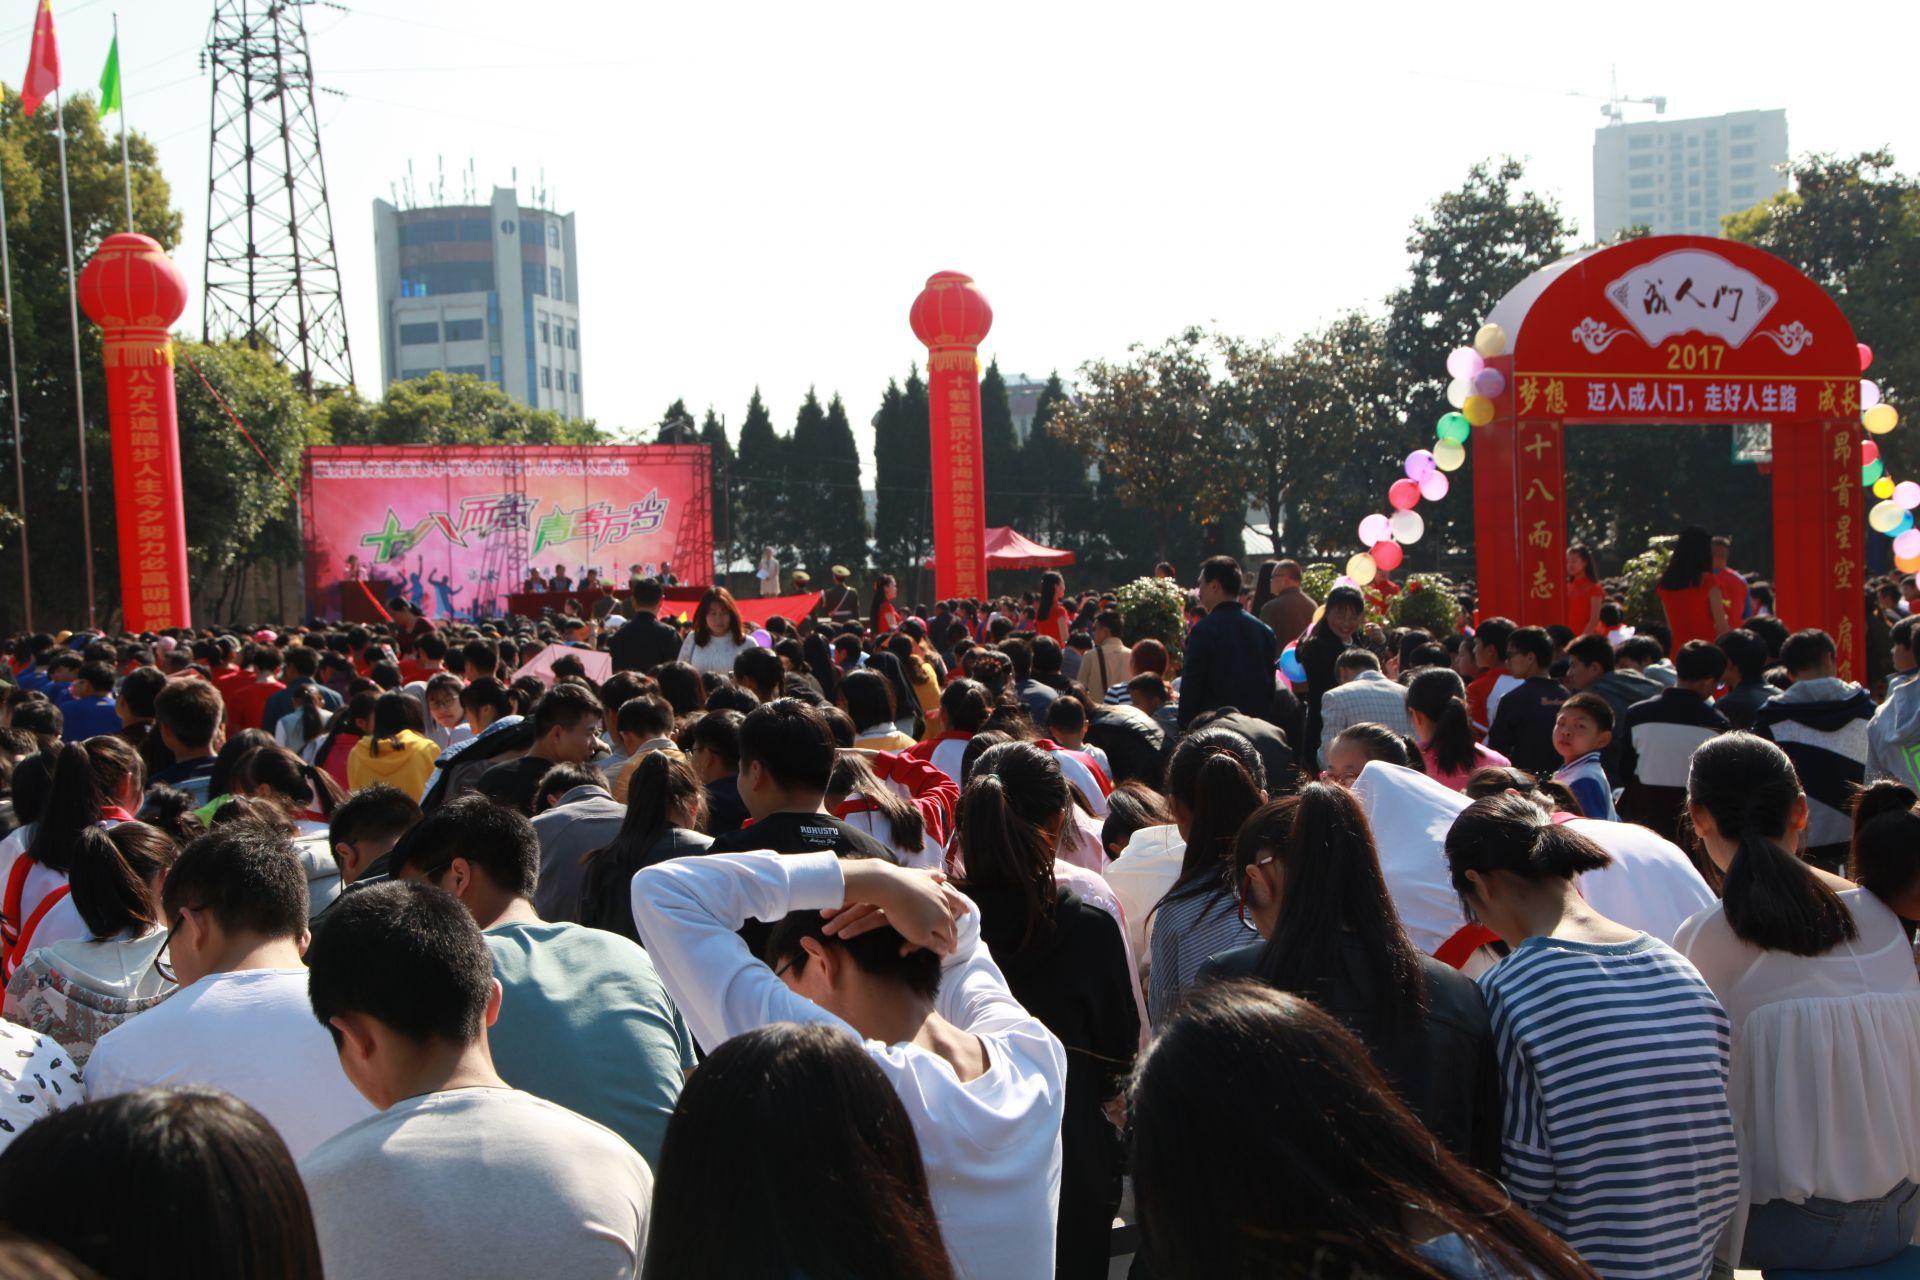 今天以后,我就是成年人啦! ----县龙阳高中2017年十八岁成人典礼活动扫描